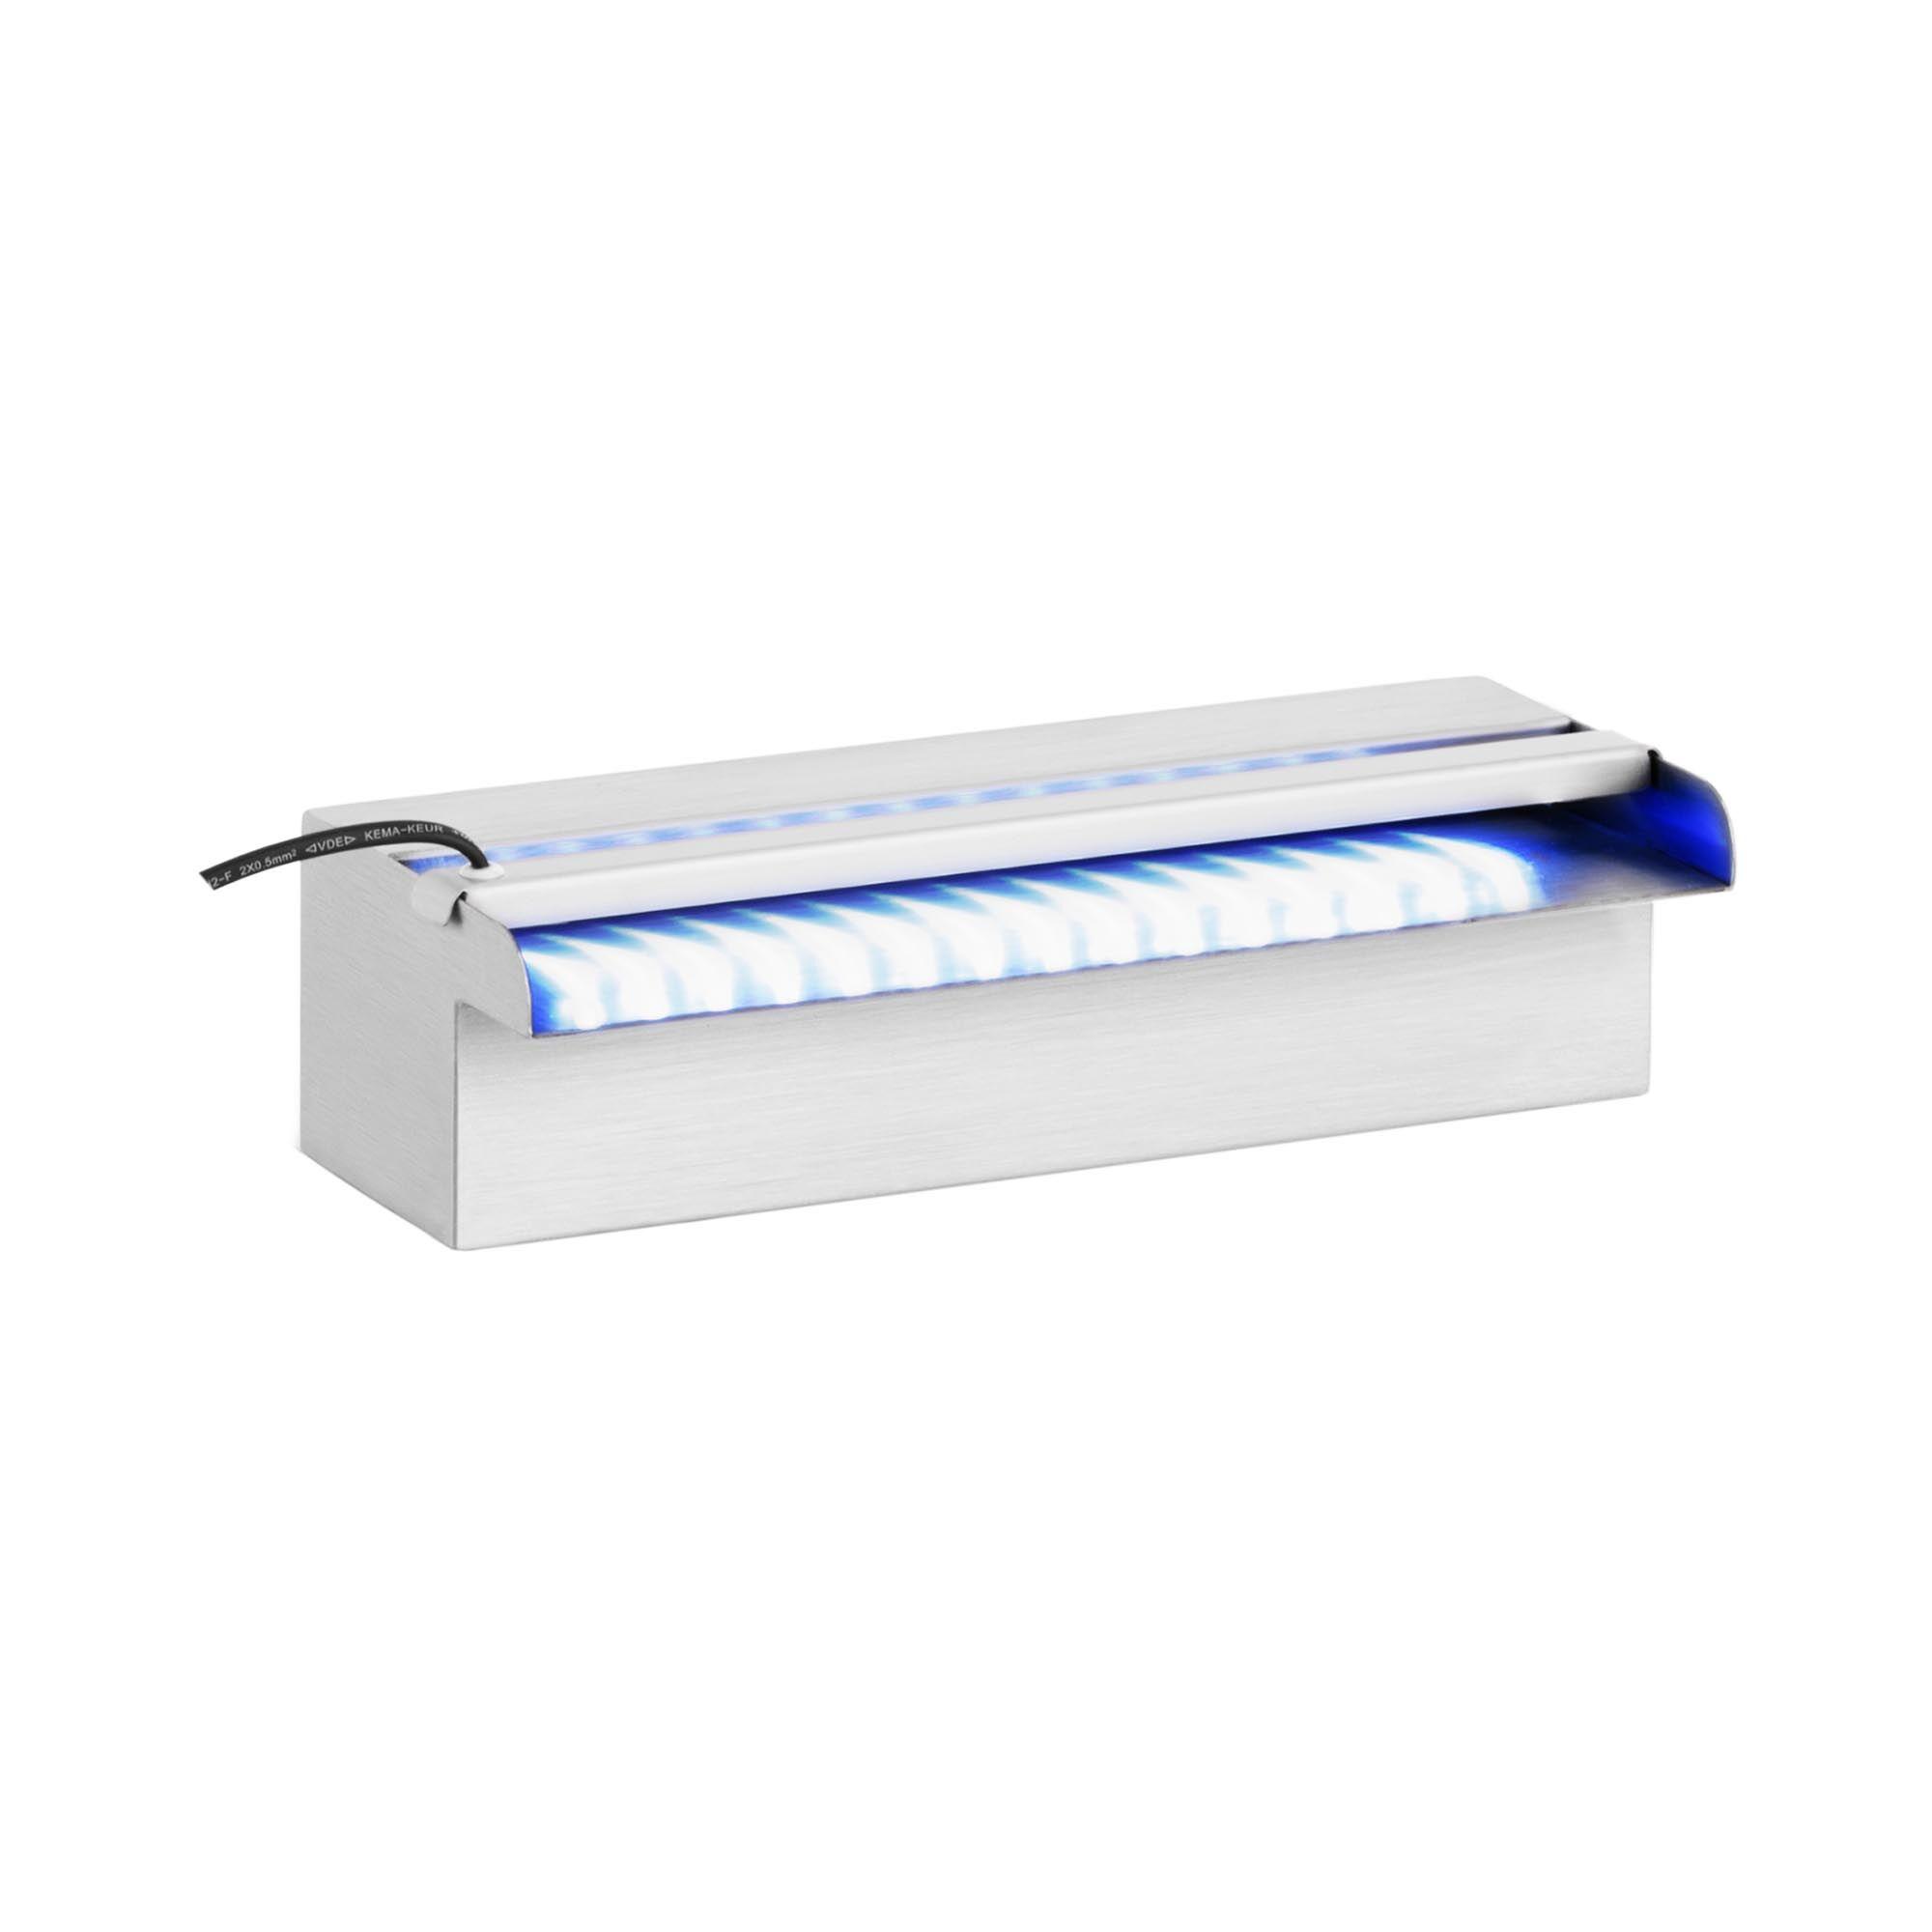 Uniprodo Fontaine piscine - 30 cm - Éclairage LED UNI_WATER_06